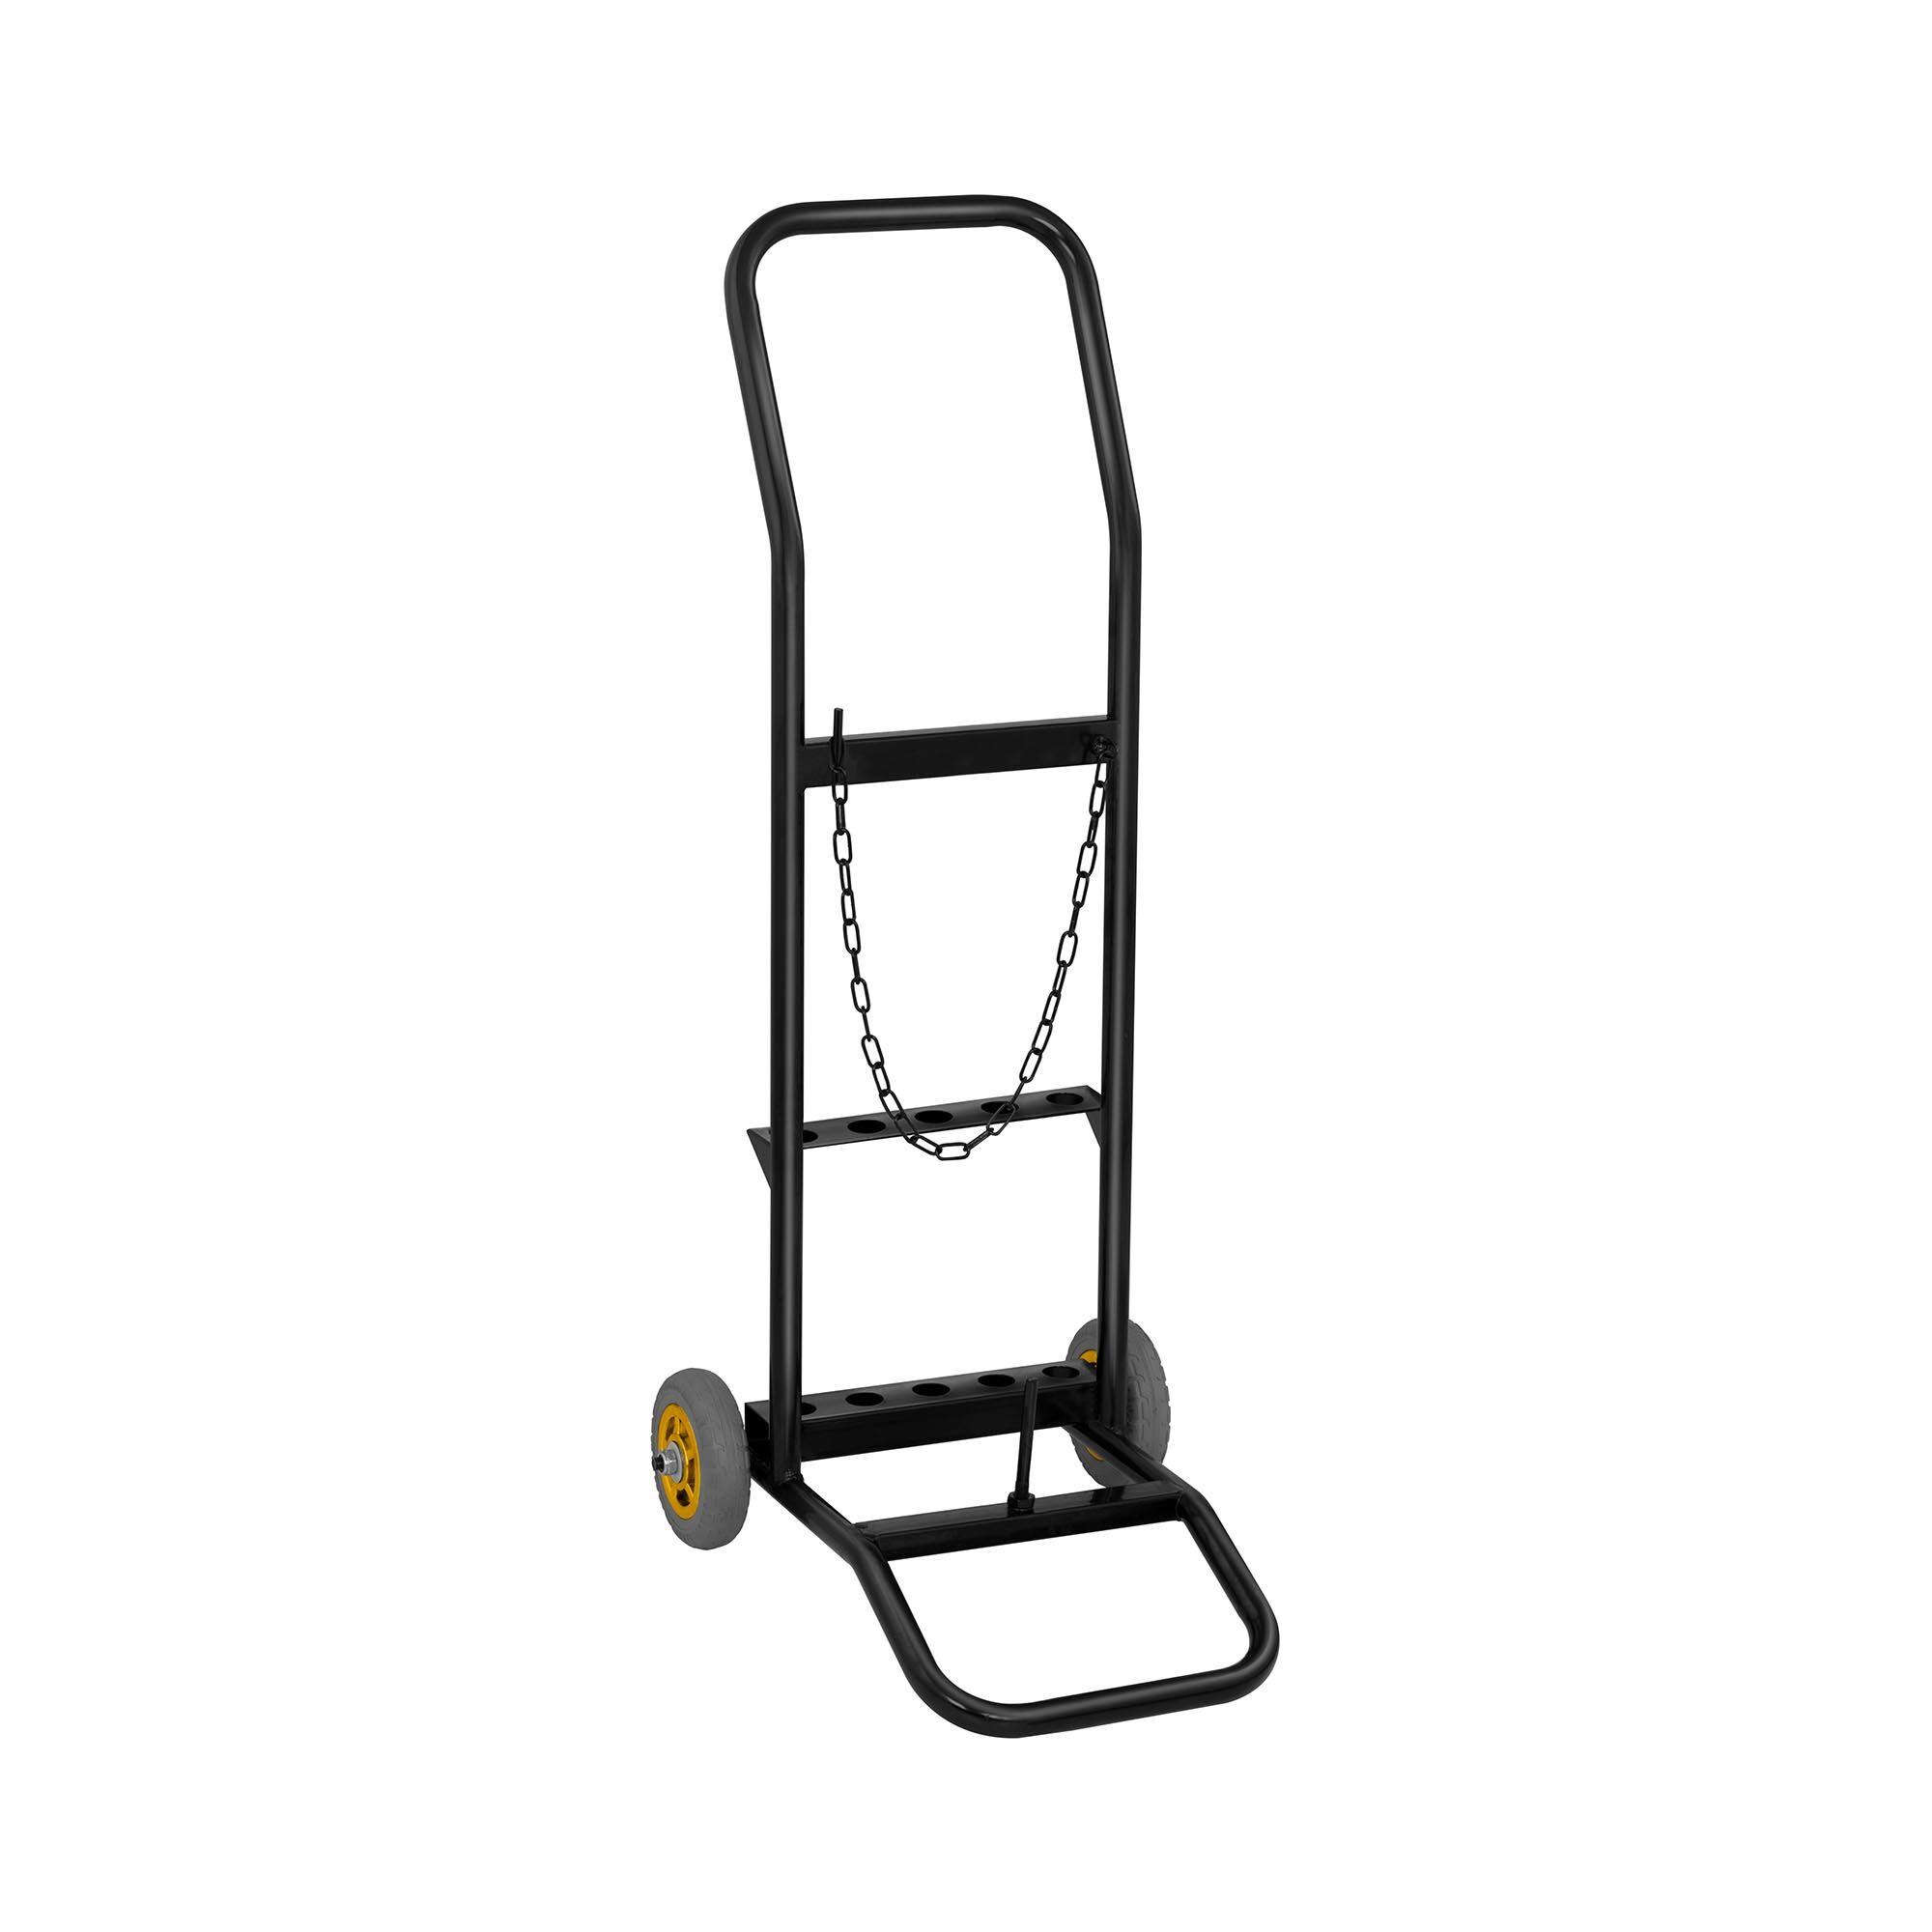 msw carrello per martello demolitore - portata 30 kg - catena 60 cm - per uso professionale